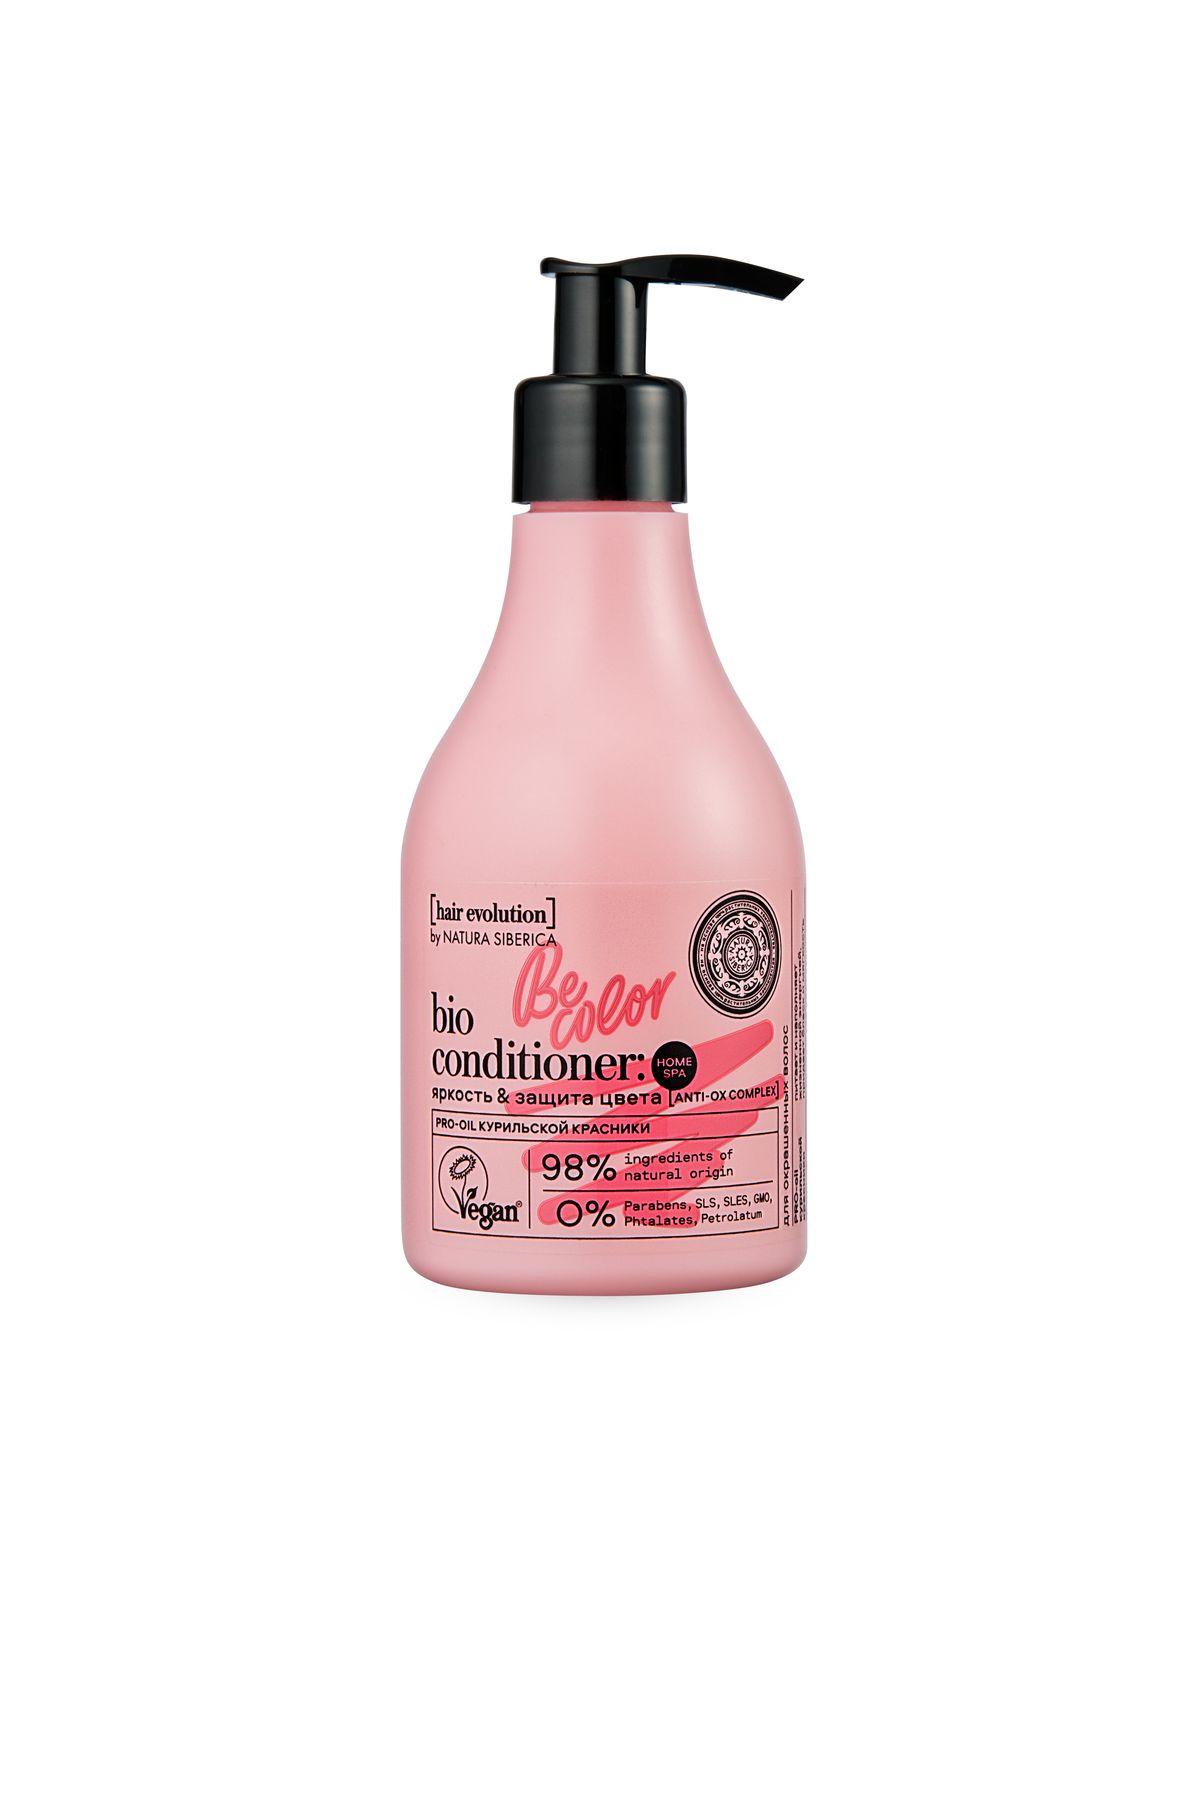 Купить Natura Siberica Hair Evolution Бальзам для волос BE-COLOR. Яркость & защита цвета , 250 мл (shop: Organic-shops Organic shops)